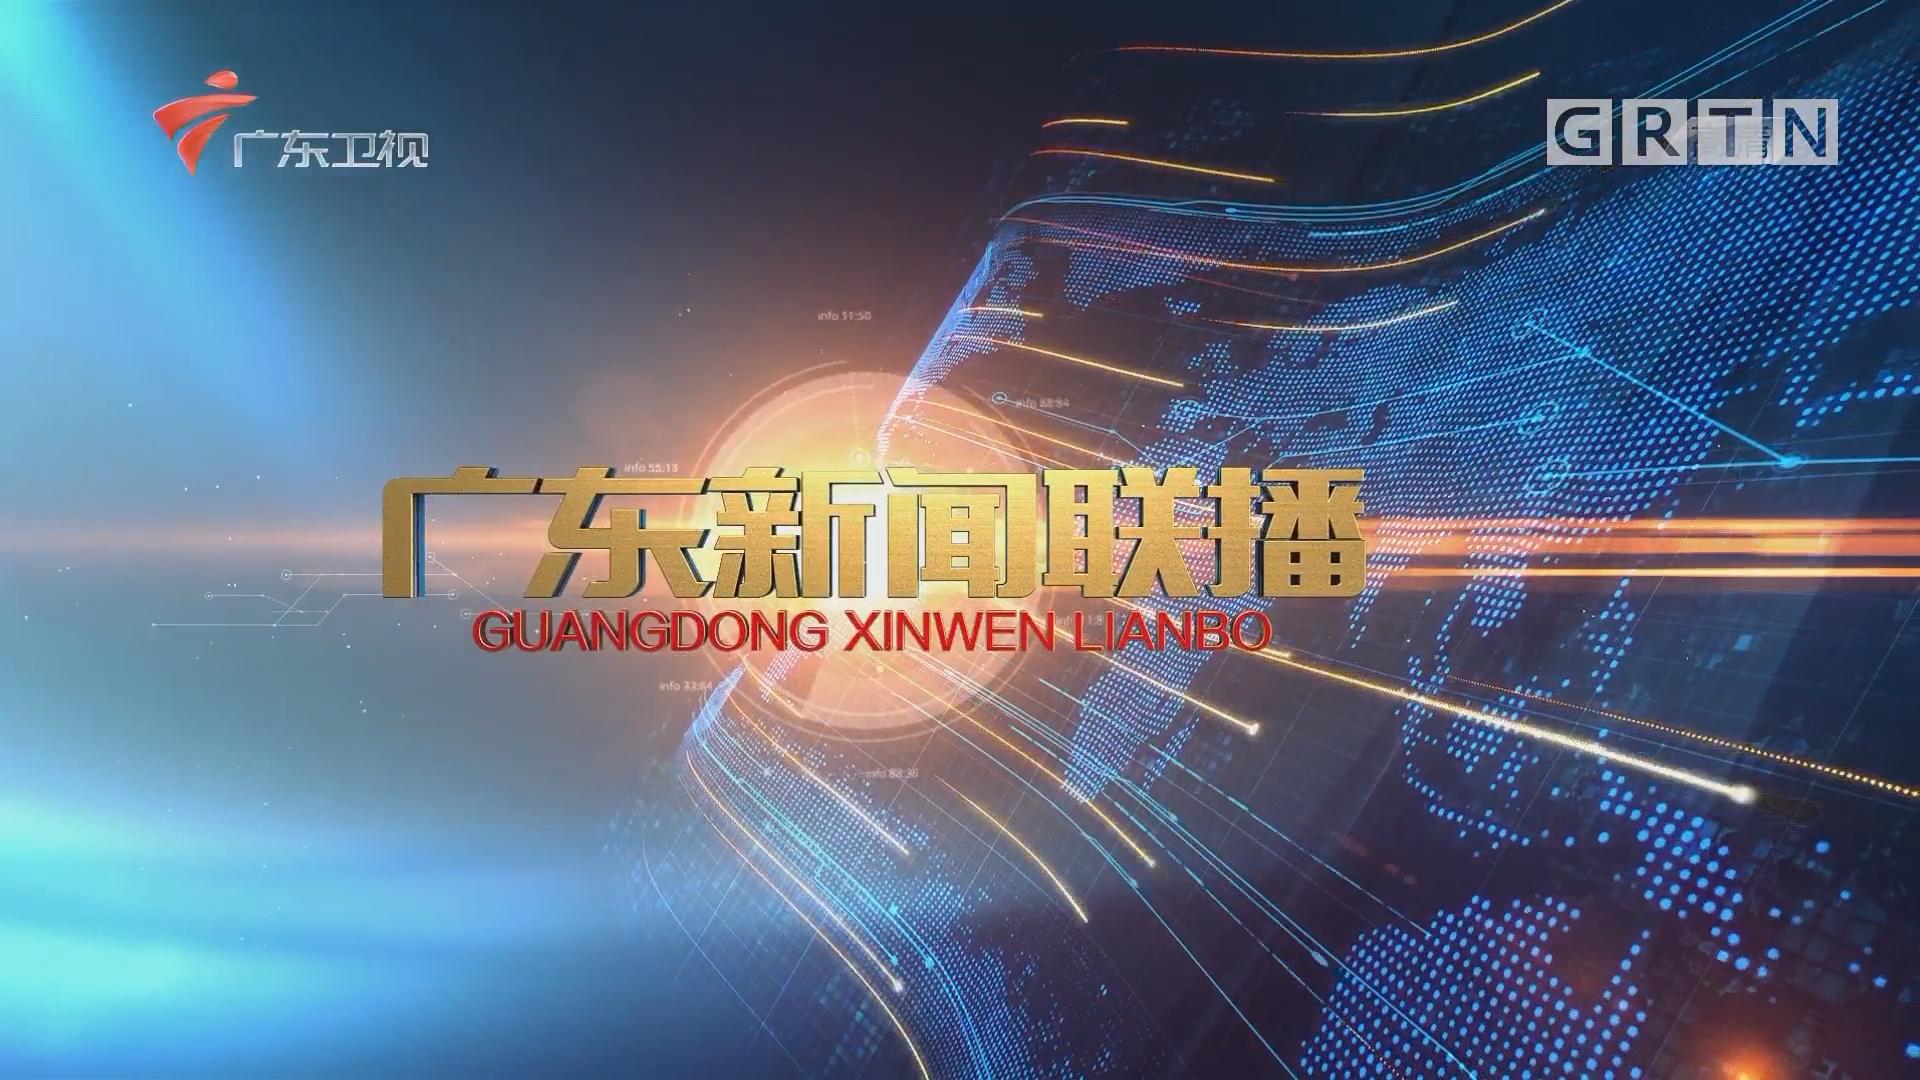 [HD][2018-10-10]广东新闻联播:李希马兴瑞出席第15届中国国际中小企业博览会